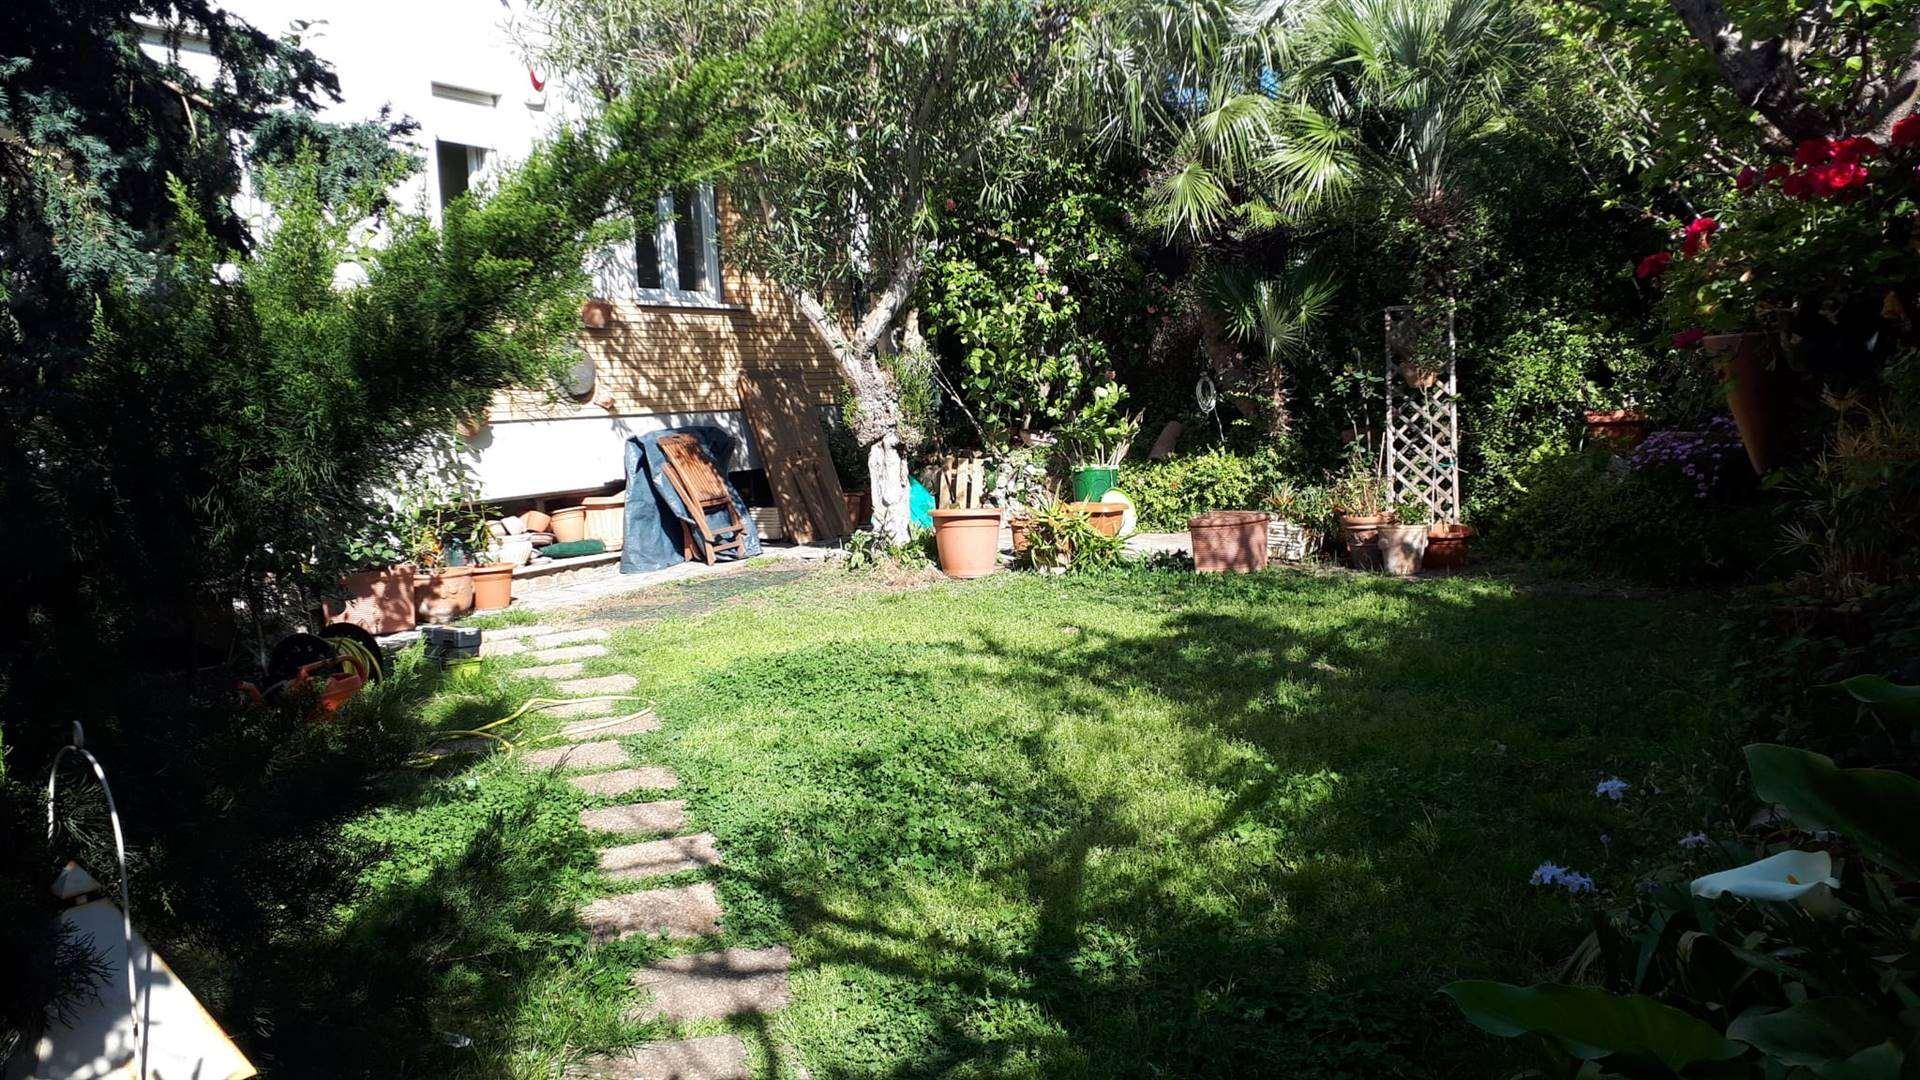 SANTA MARINELLA, Appartement indépendent pour le vacances des location de 130 Mq, Excellentes, Chauffage Autonome, Classe Énergétique: G, Epi: 175 kwh/m2 l'année, par terre élevé sur 3, composé par: